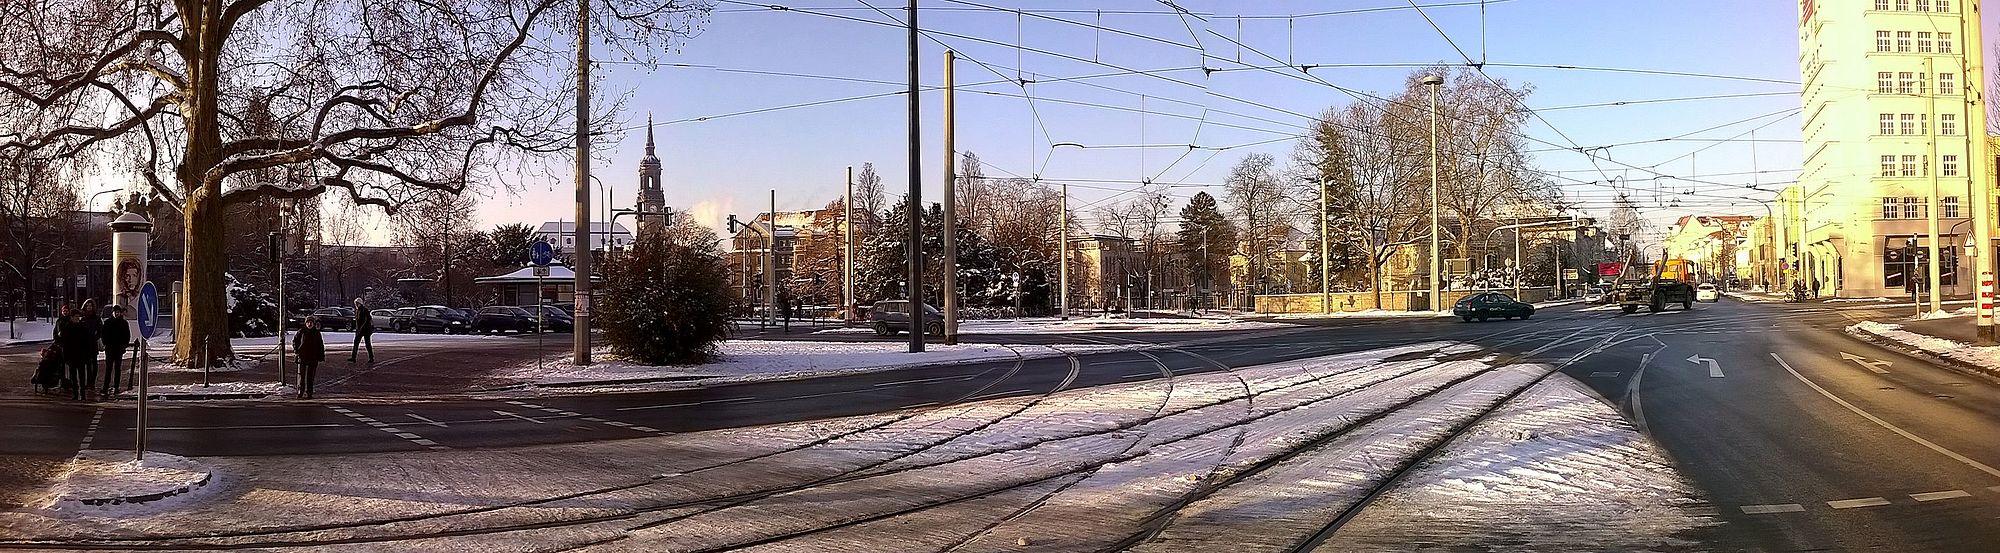 Als ich ein kleiner Junge war - Erich Kästner Museum -Panorama - Albertplatz Dresden